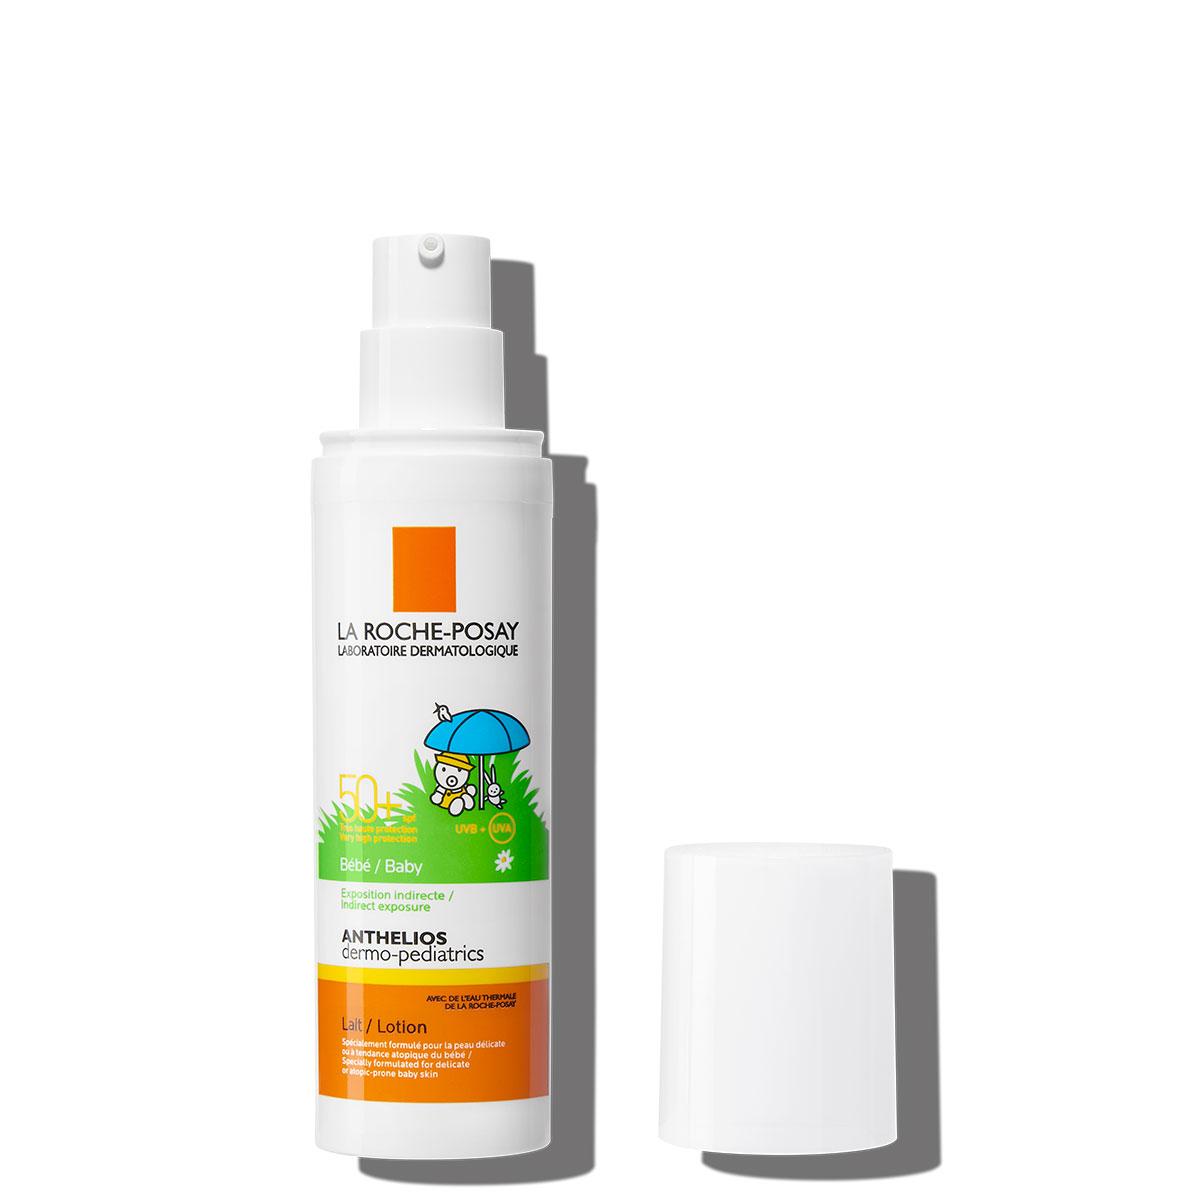 La Roche Posay ProductPage Sun Anthelios Dermo Pediatrics Spf50 50ml 3